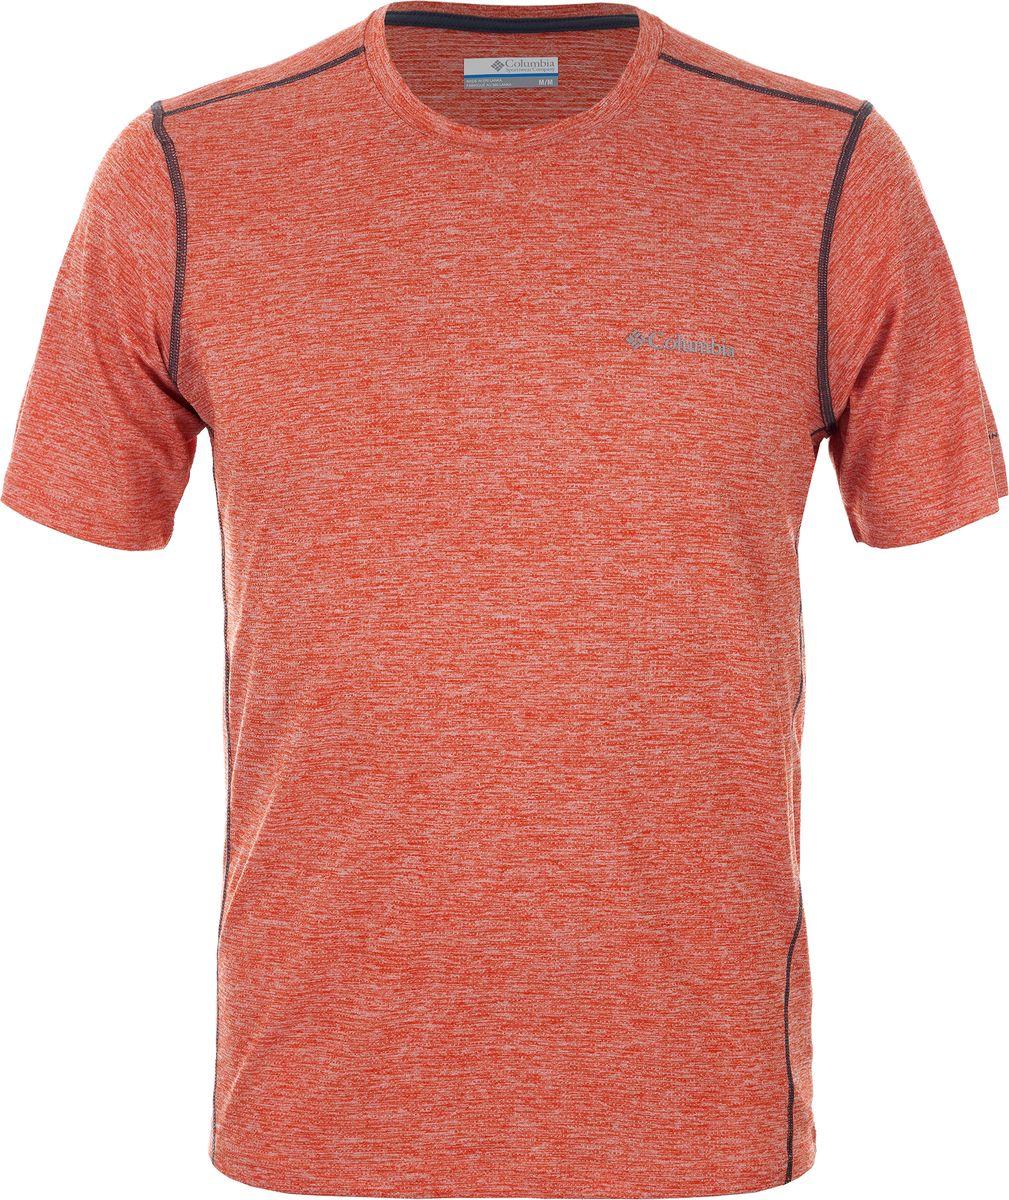 Футболка мужская Columbia Deschutes Runner SS Shirt, цвет: оранжевый. 1711781-805. Размер XXL (56/58) рубашка мужская columbia silver ridge lite ss shirt цвет синий 1654311 469 размер xxl 56 58